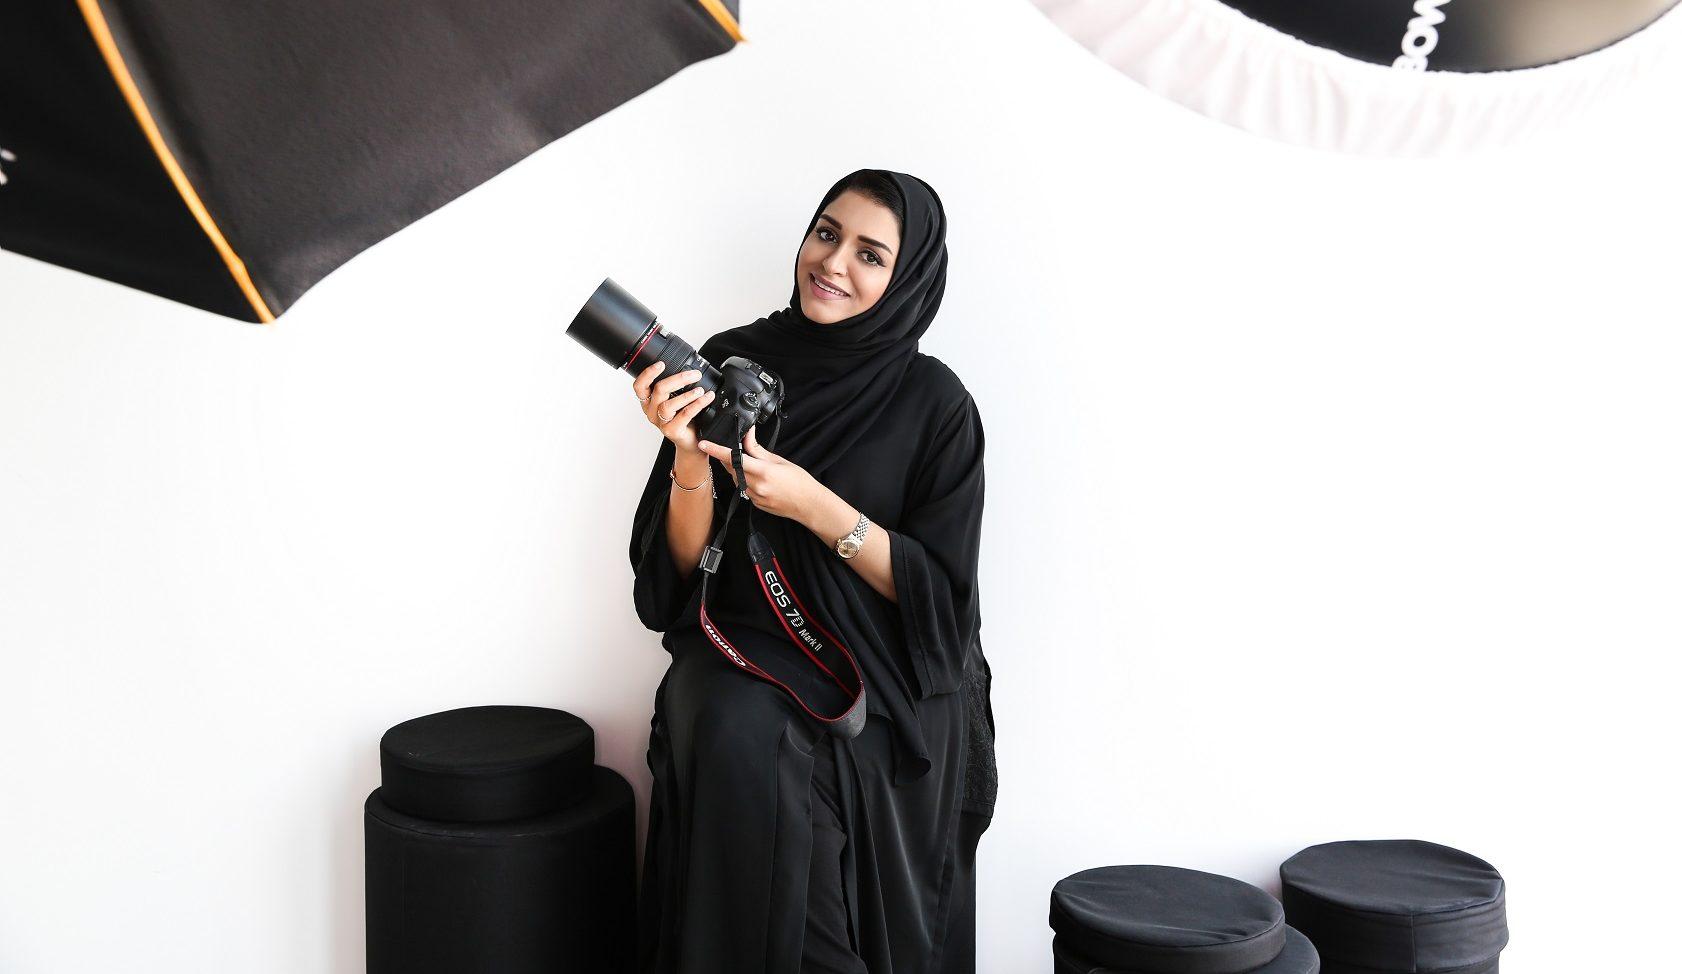 مدرسة جامعية اماراتية تطلق مشروعاً للتصوير